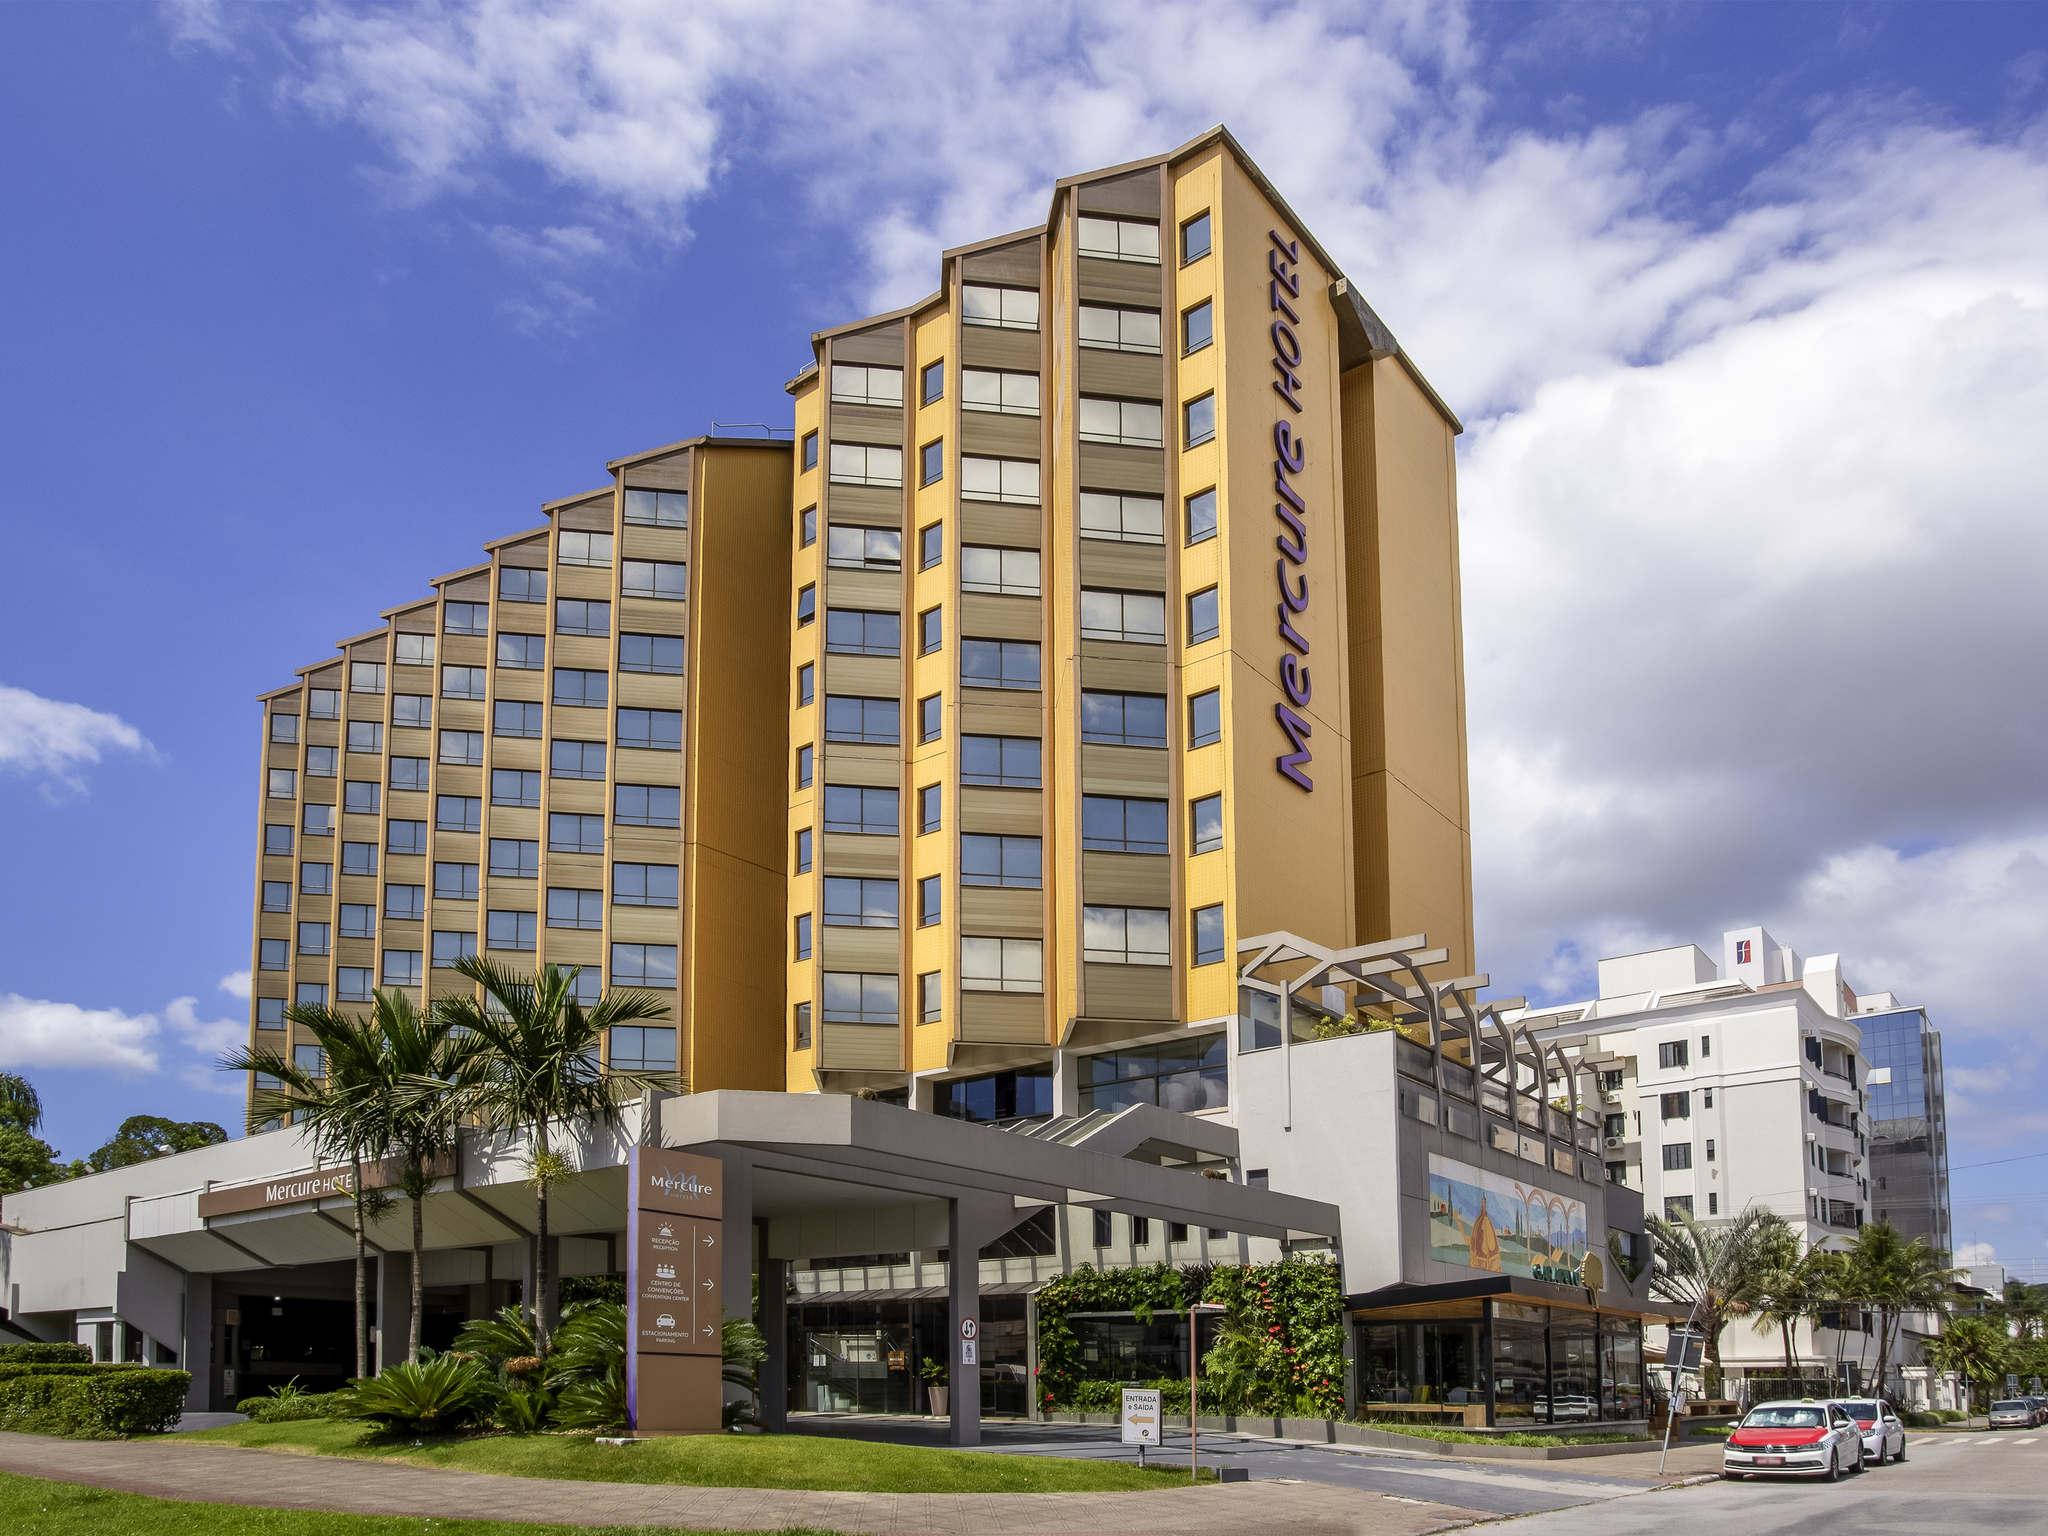 酒店 – 弗洛里亚诺波利斯会议中心美居酒店